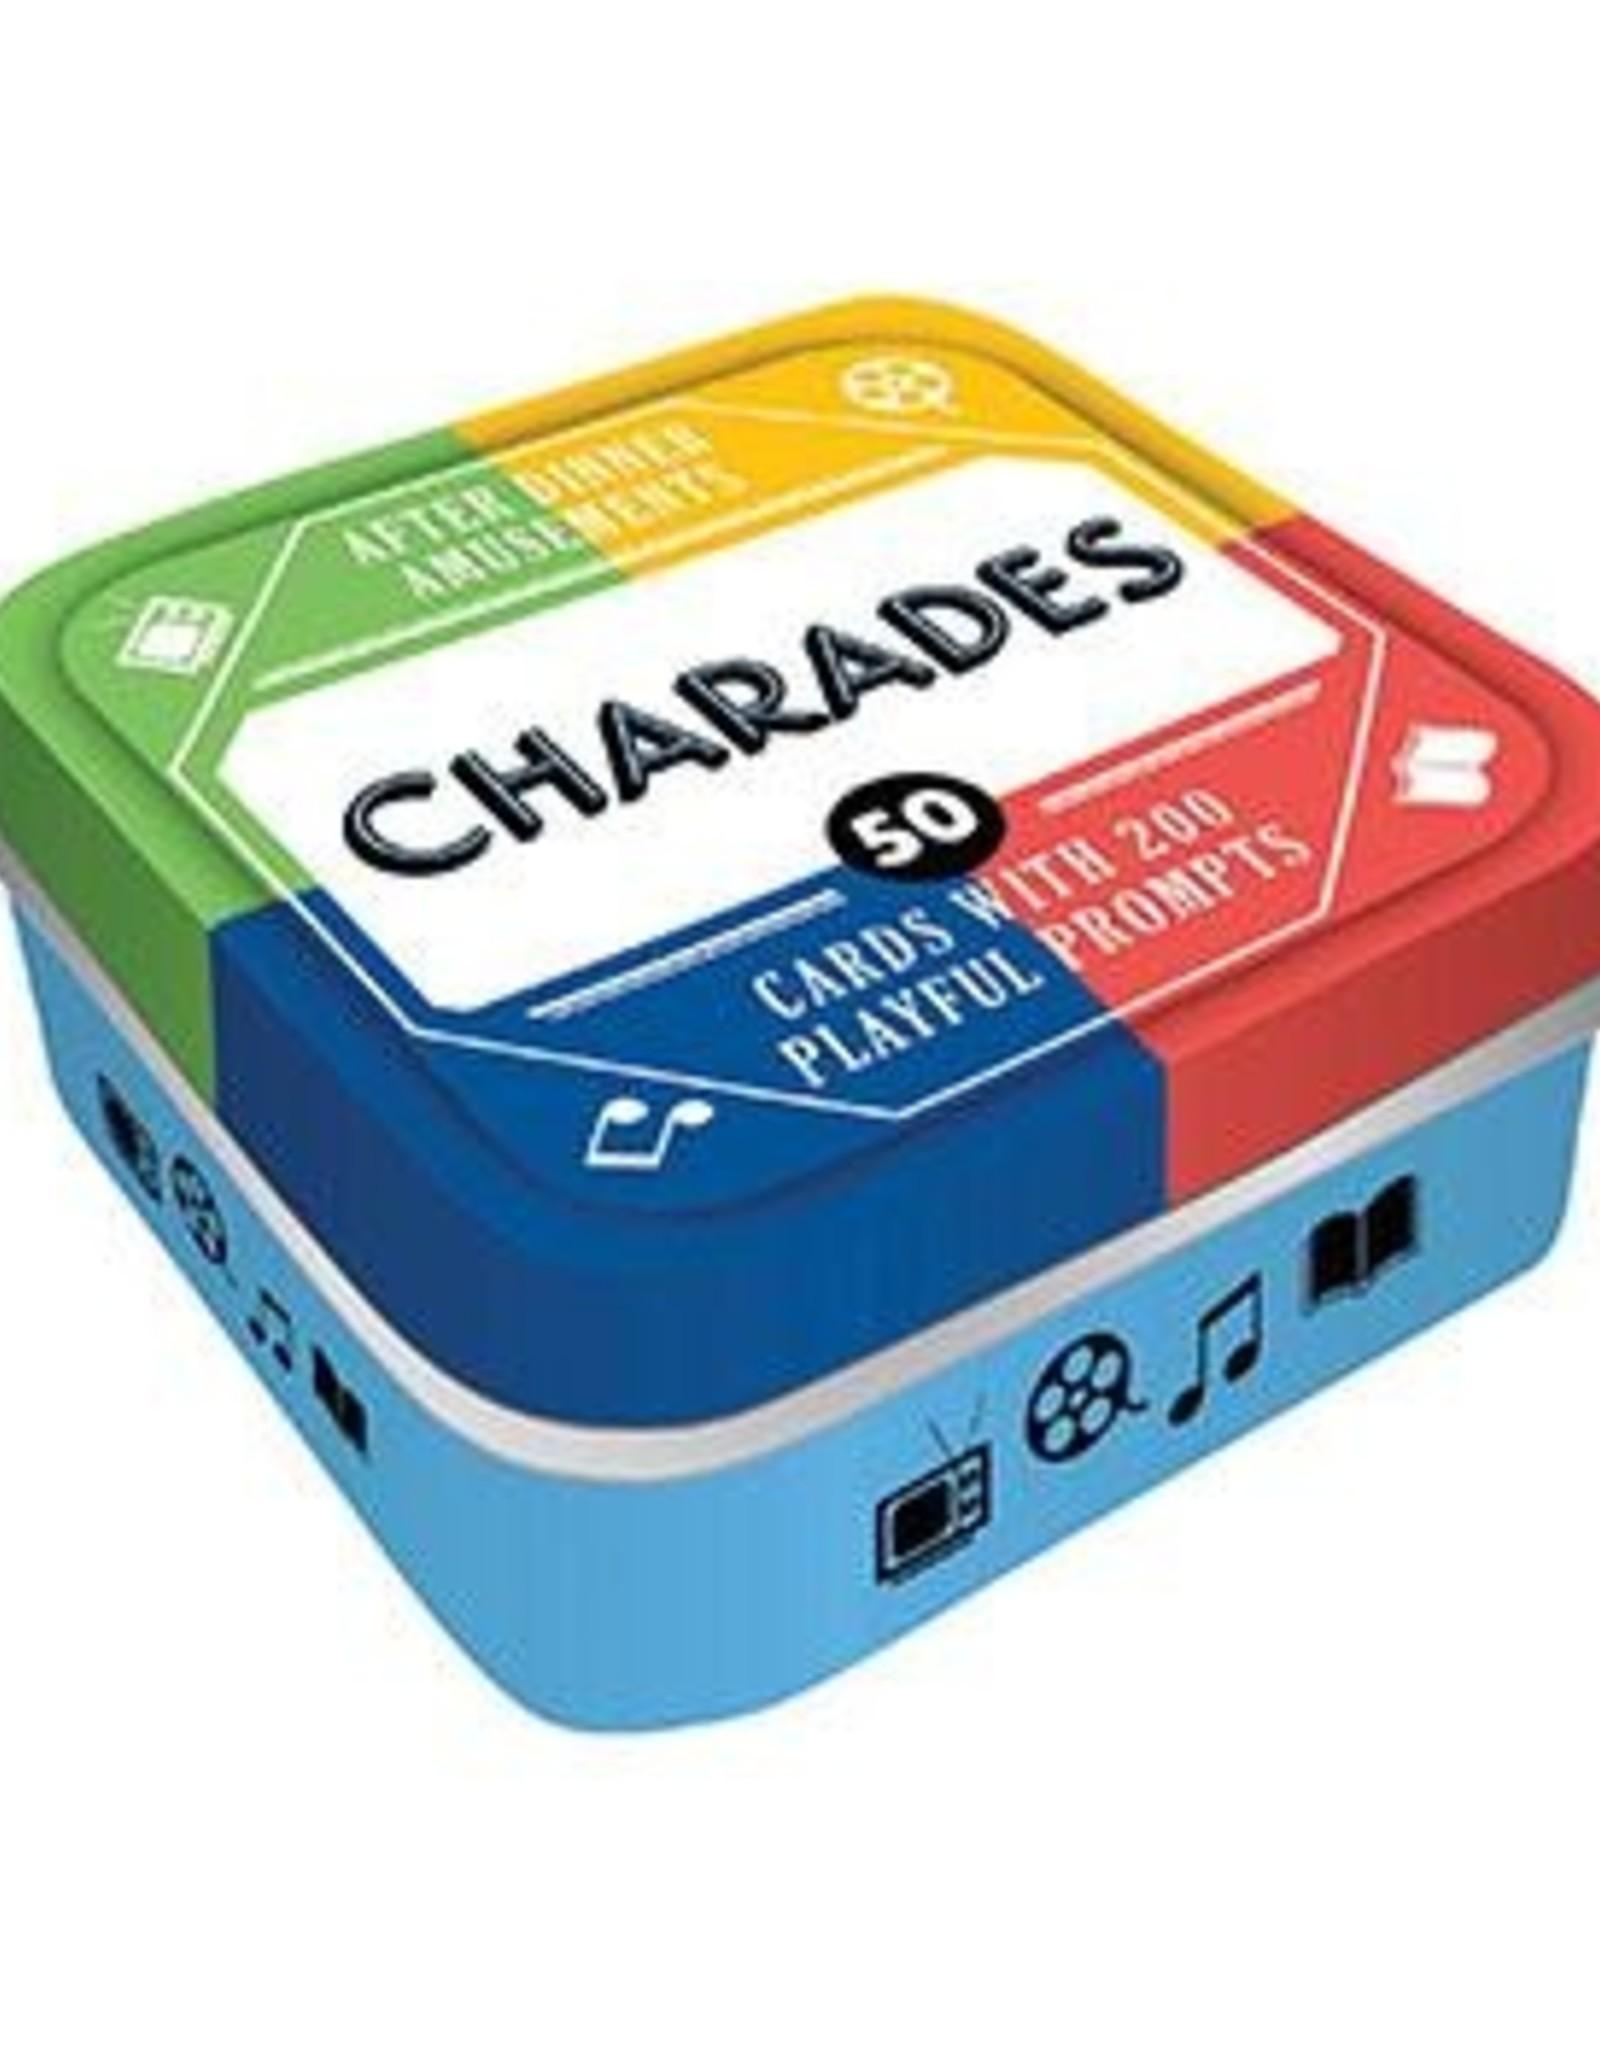 Game Tins - Charades